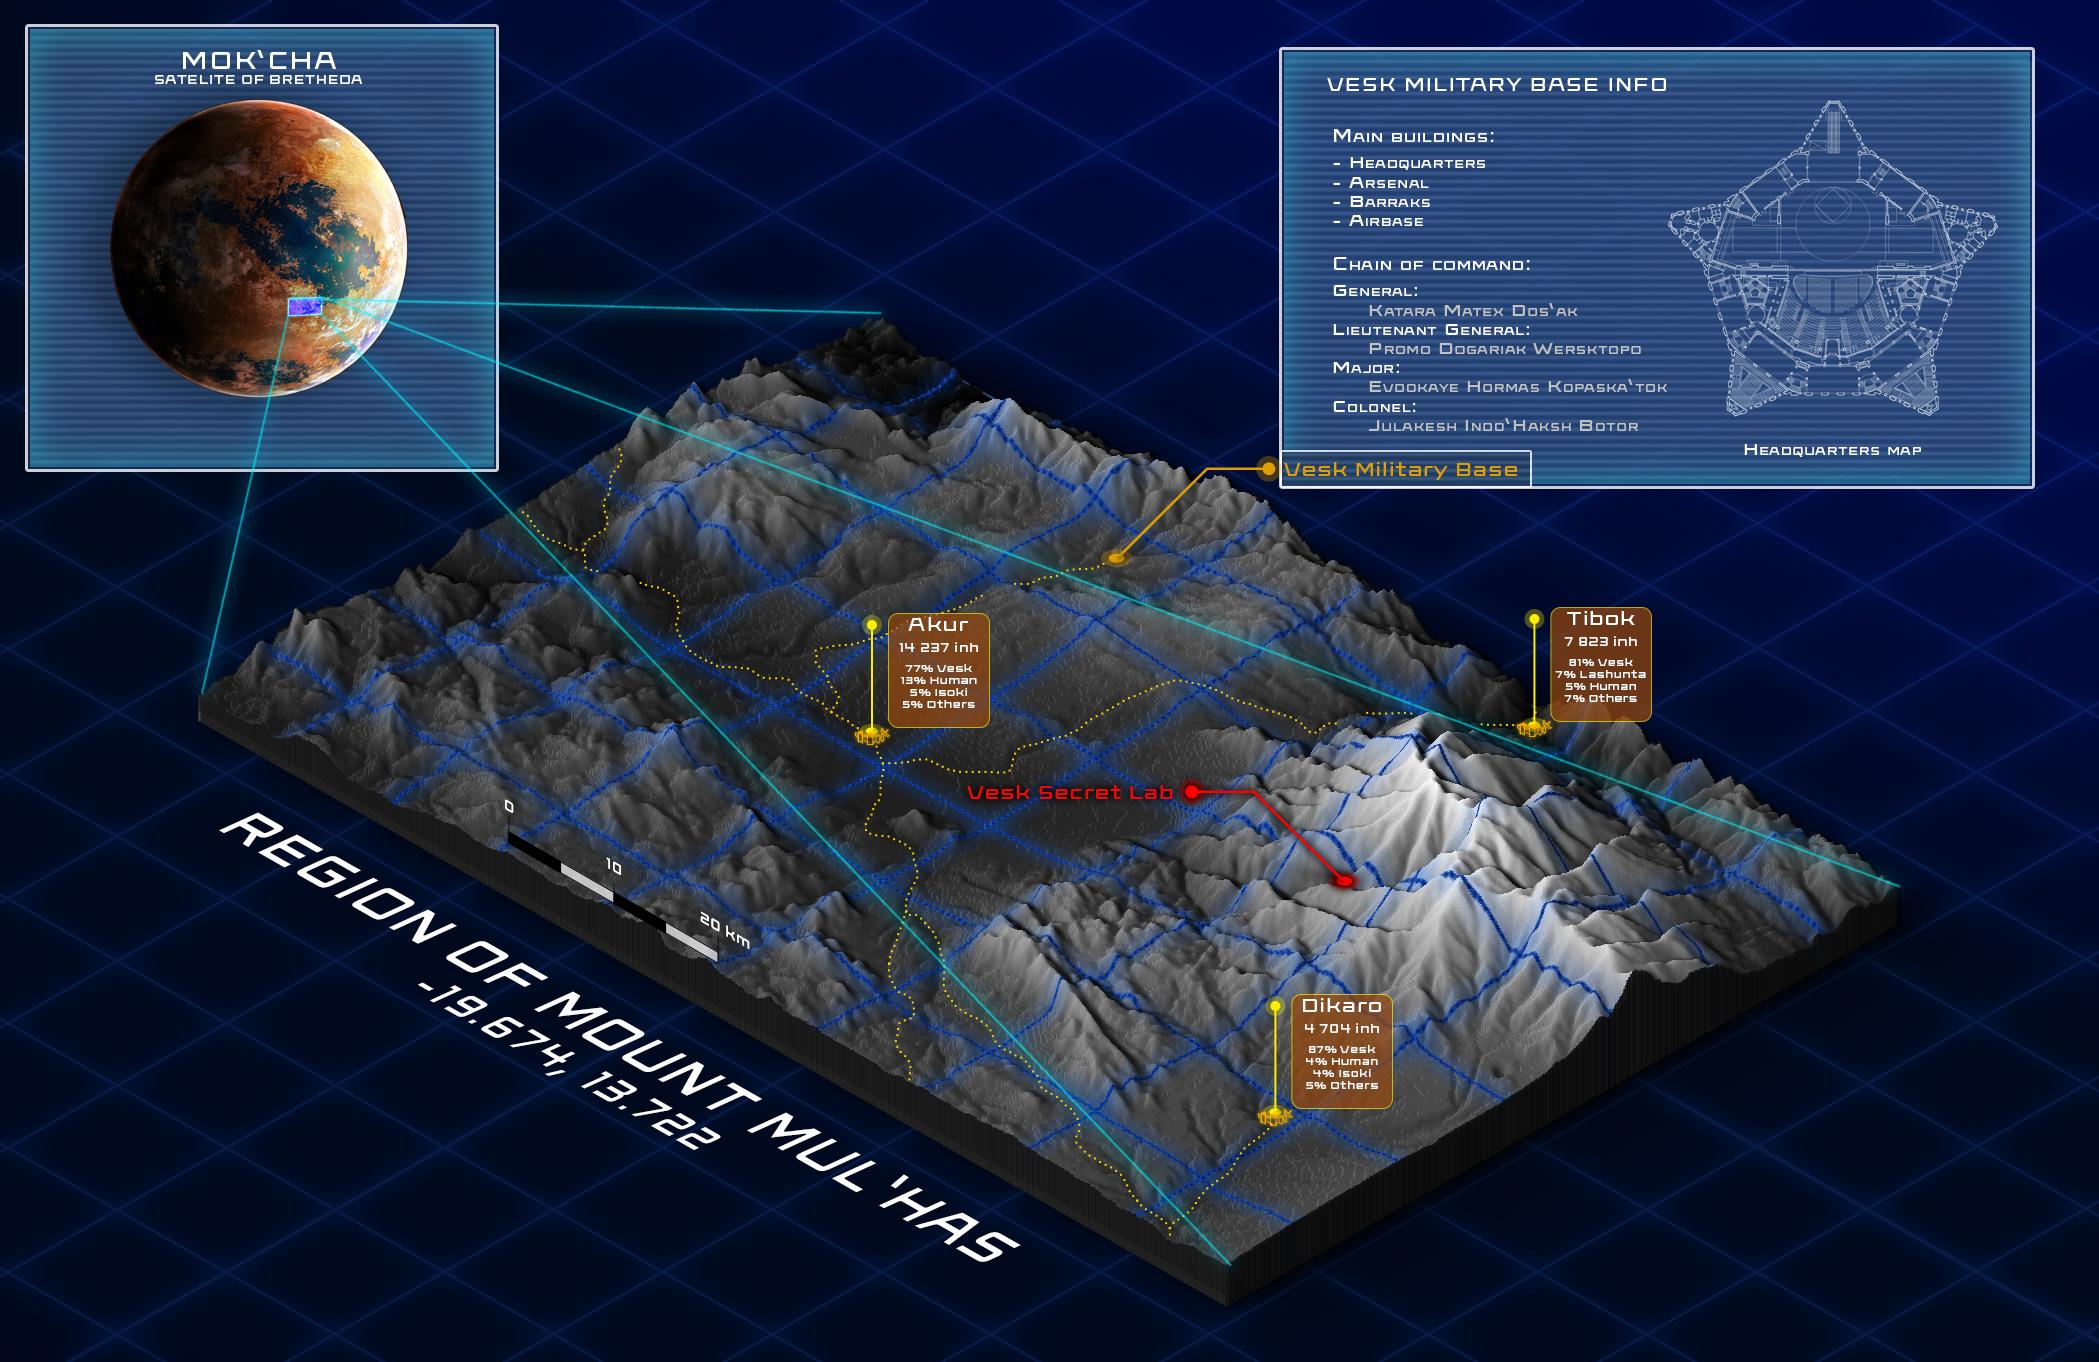 Starfinder - Mission in Mok'cha by SalesWorlds